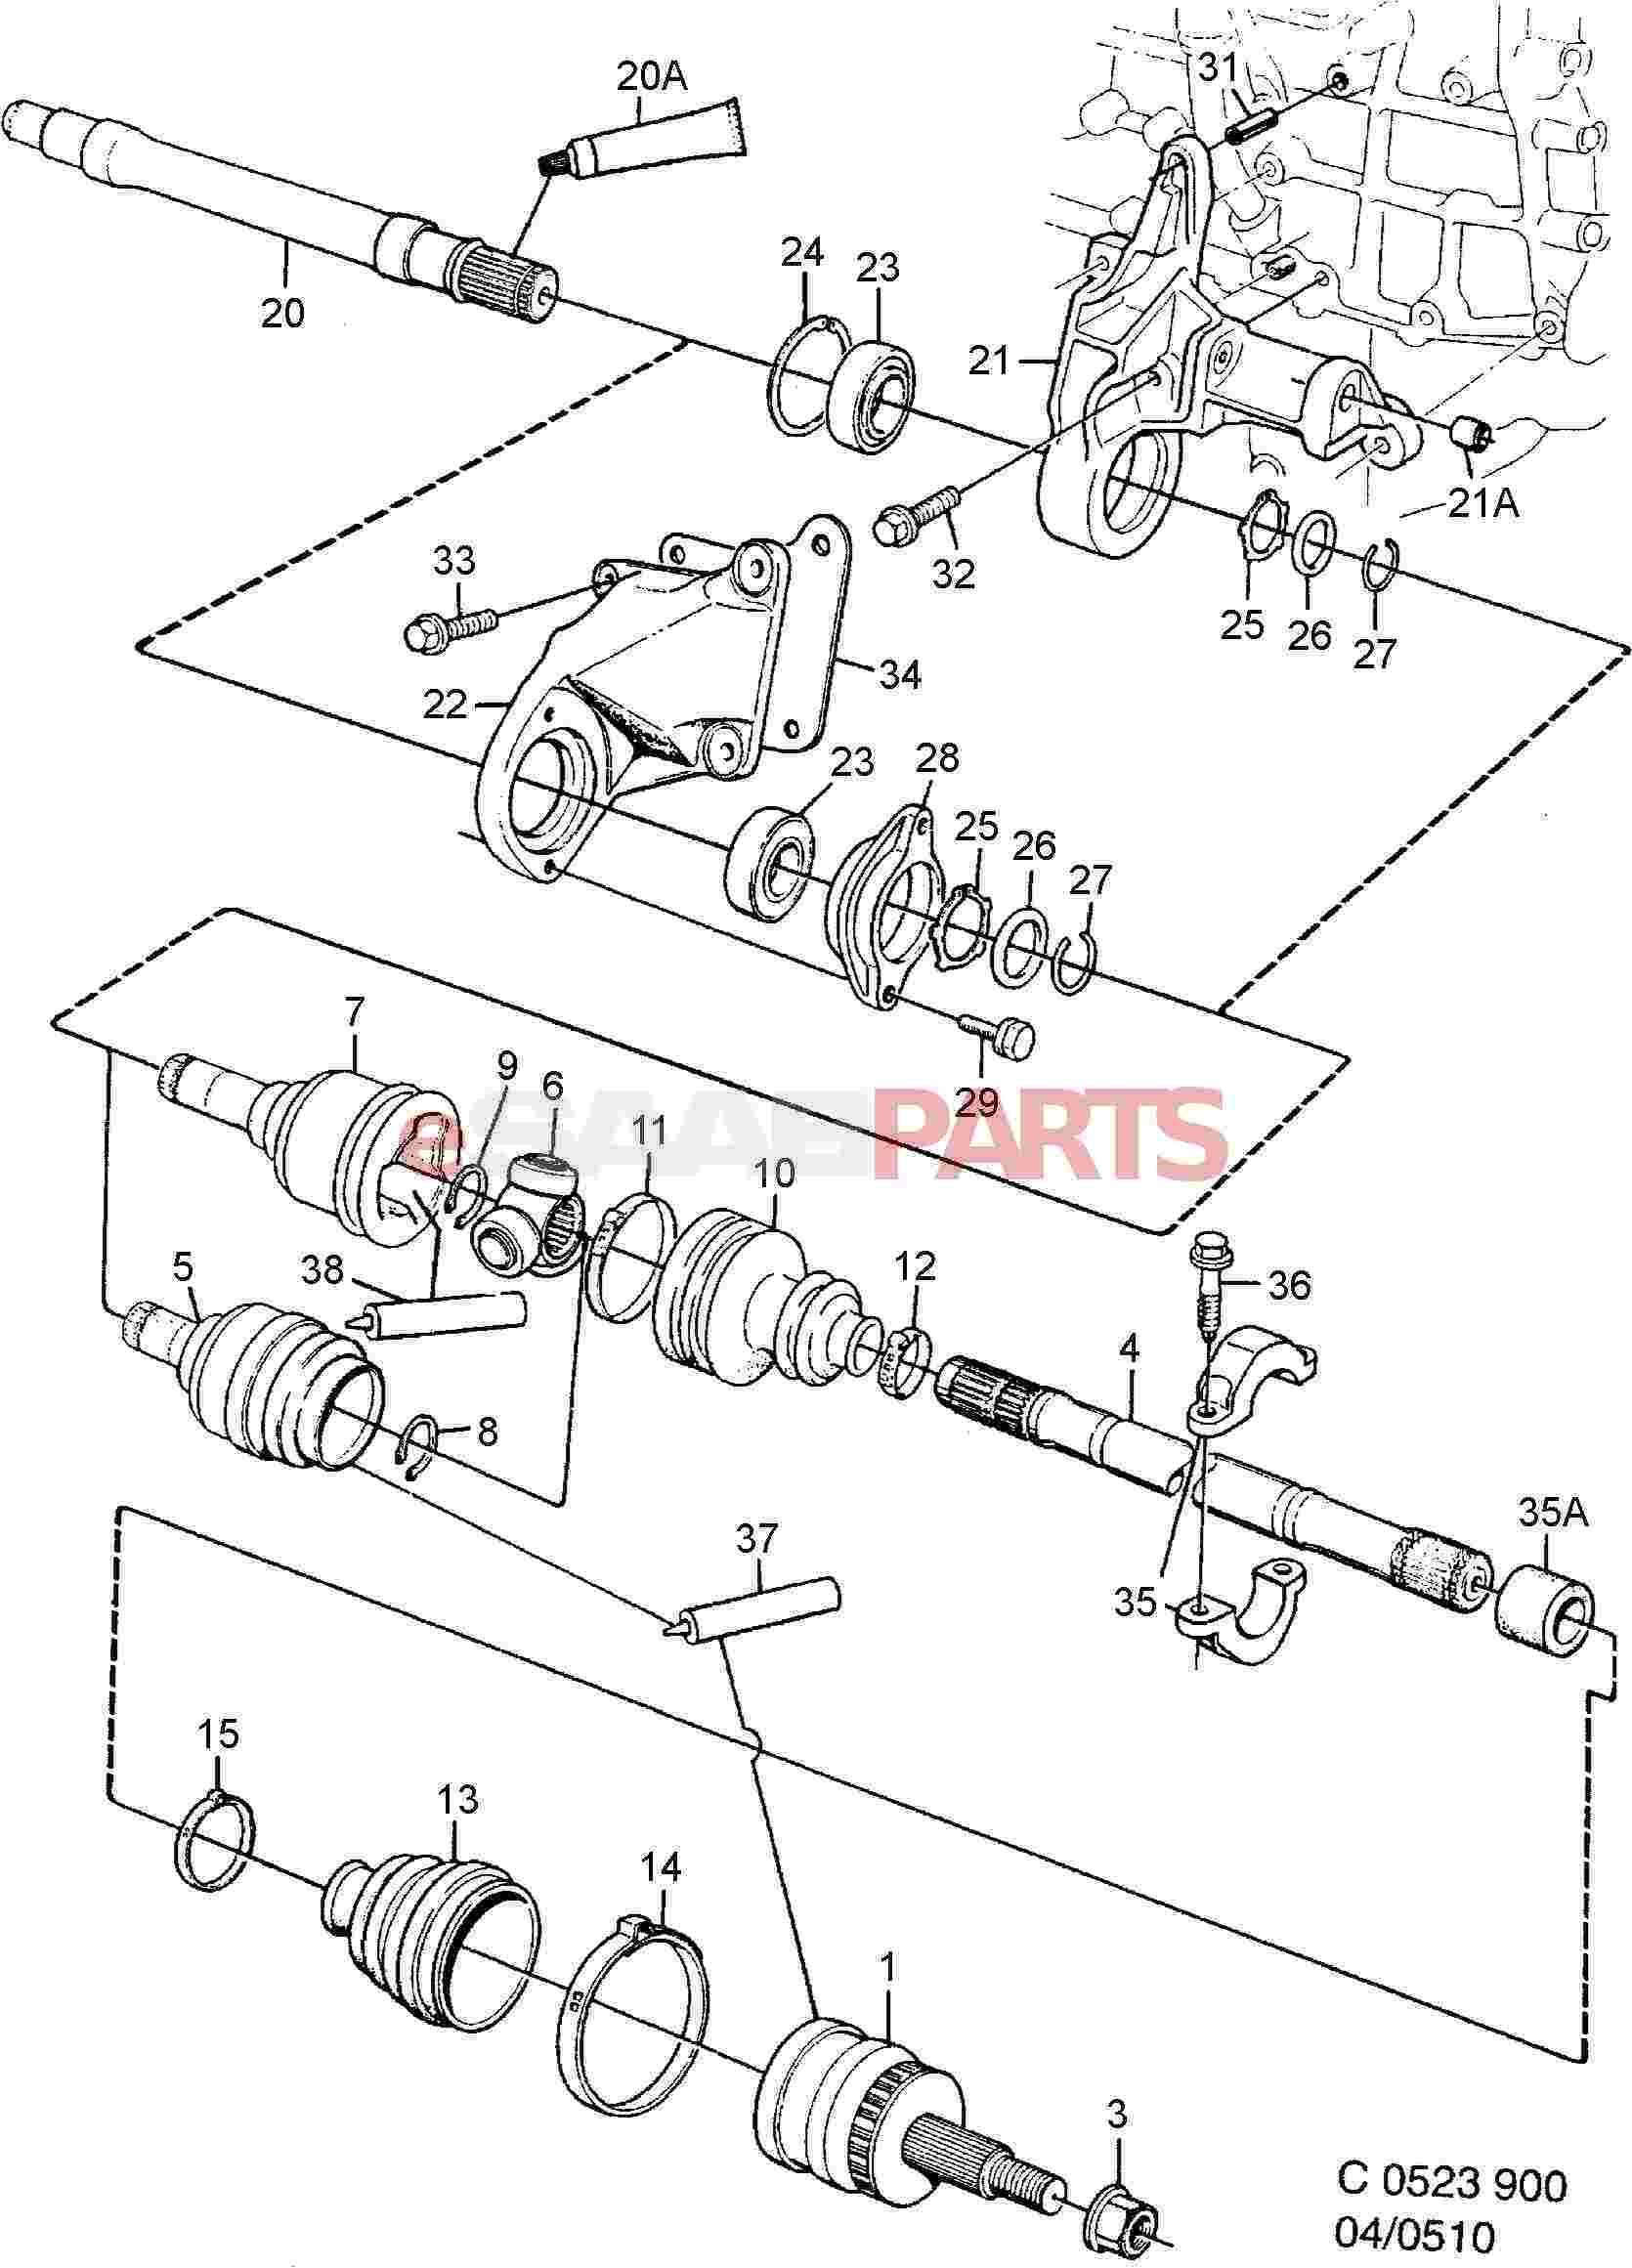 Diagram image 36